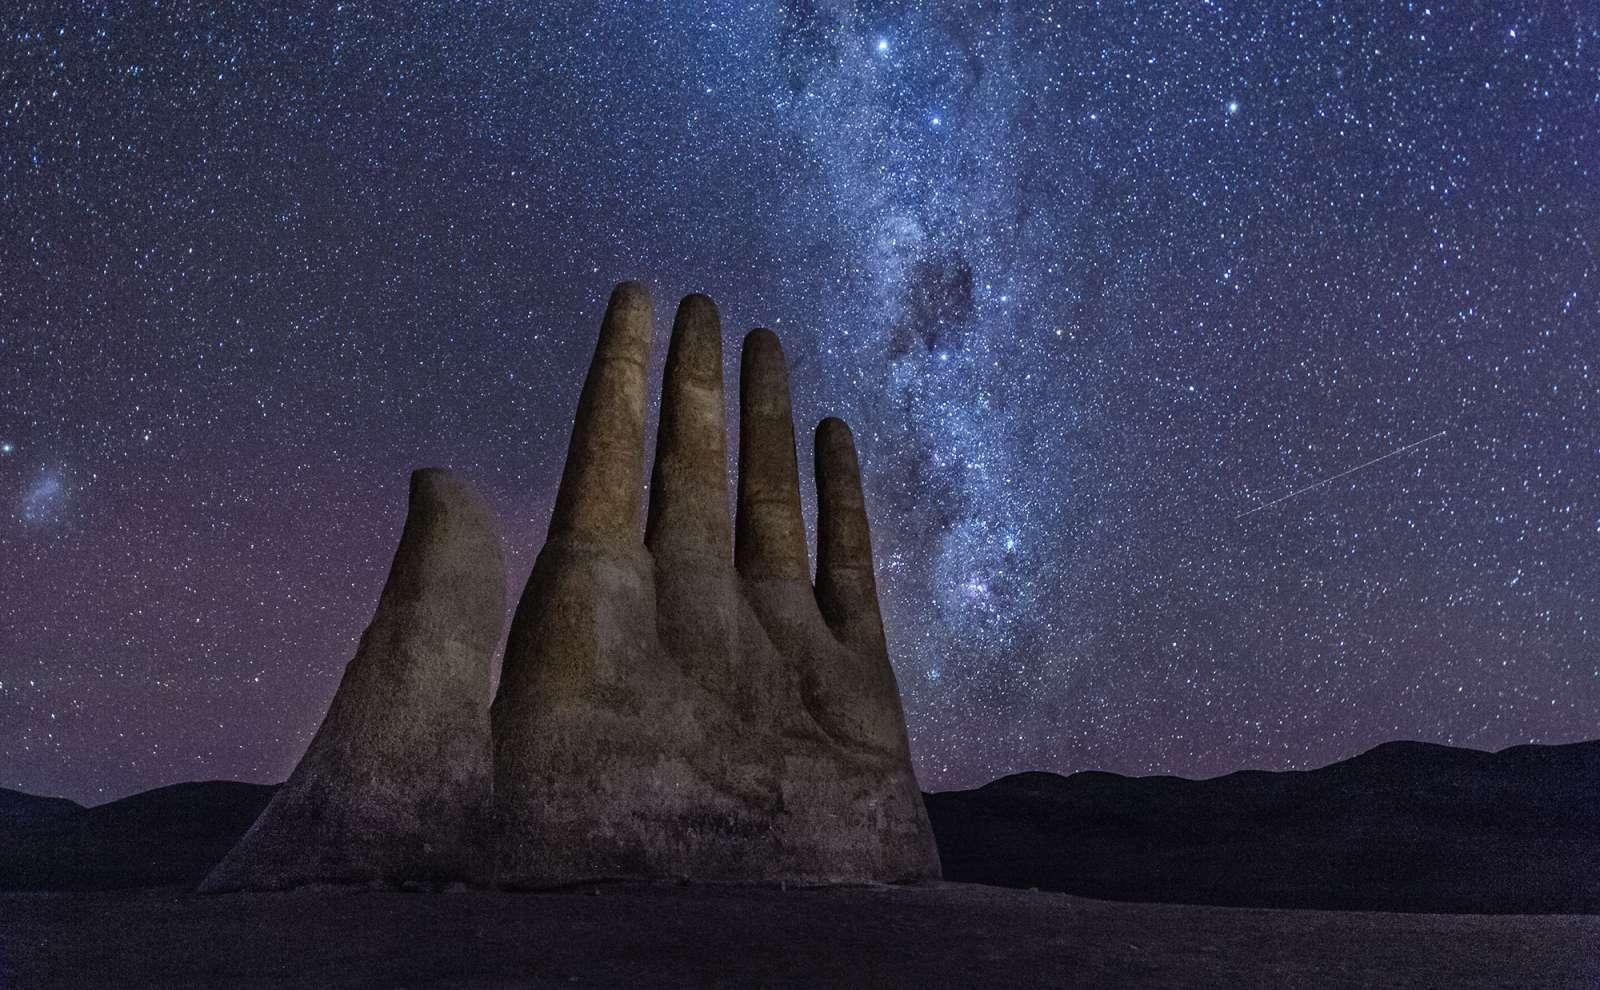 Fotografiando en el desierto de Atacama, Chile. 8